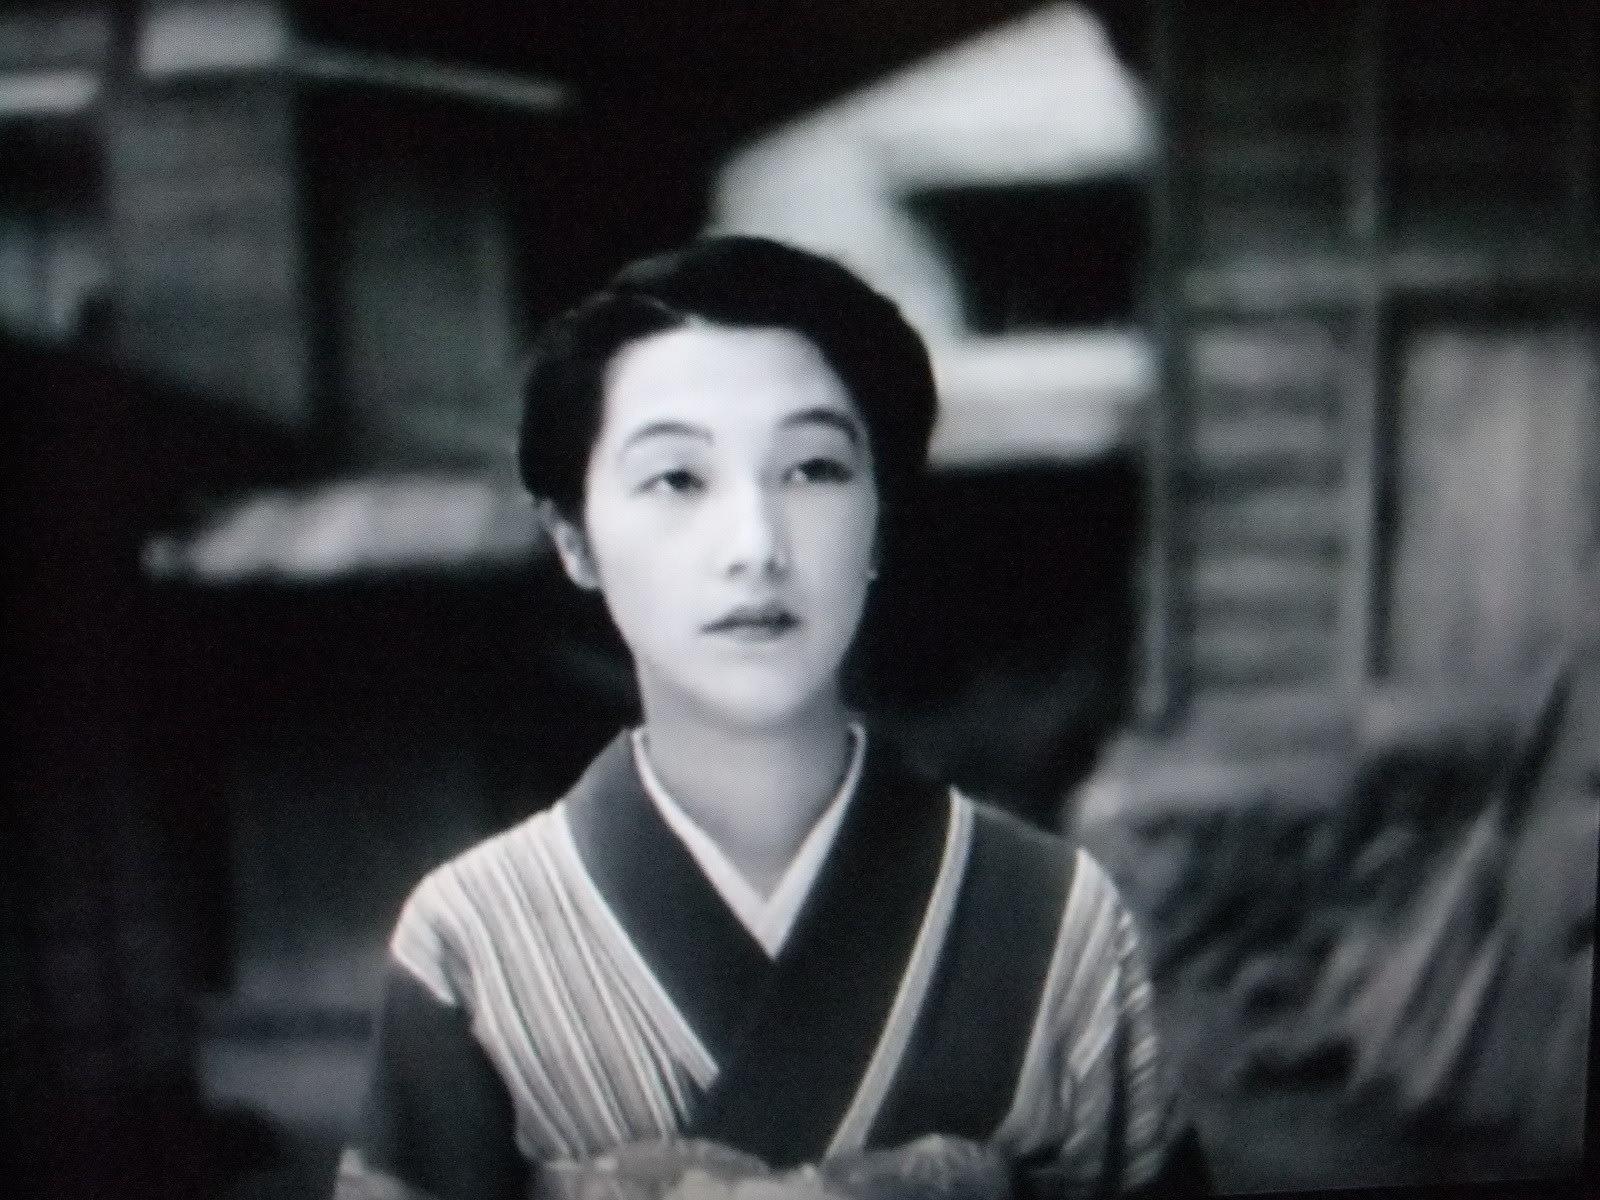 昔の良き時代の映画「按摩と女」...